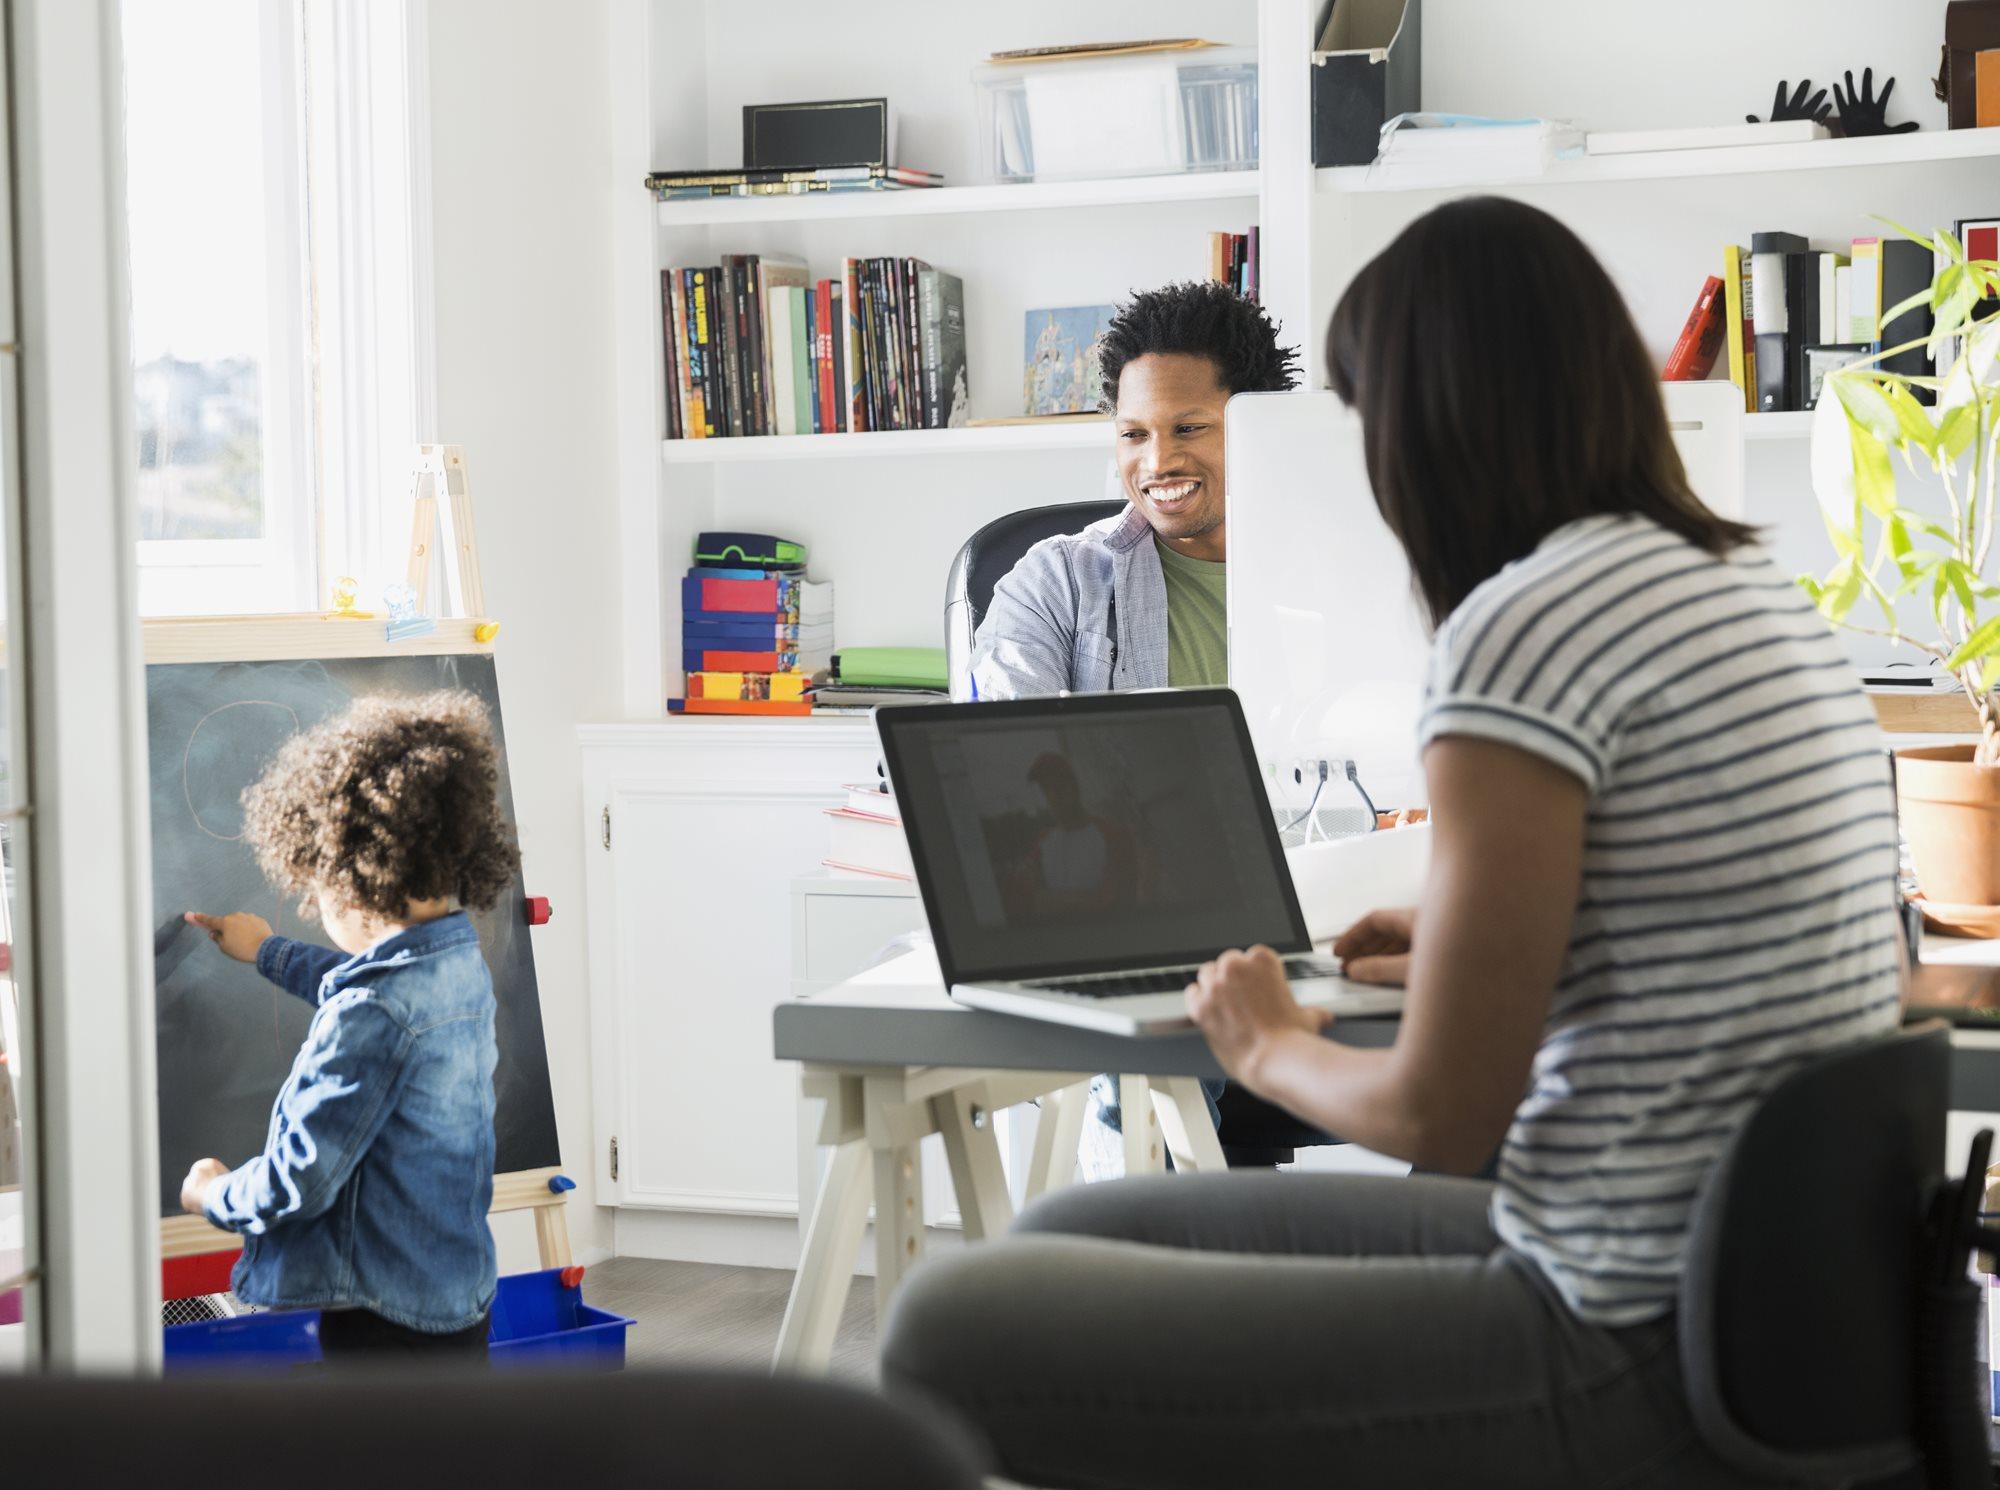 La place des technologies numériques dans la vie privée et les relations familiales